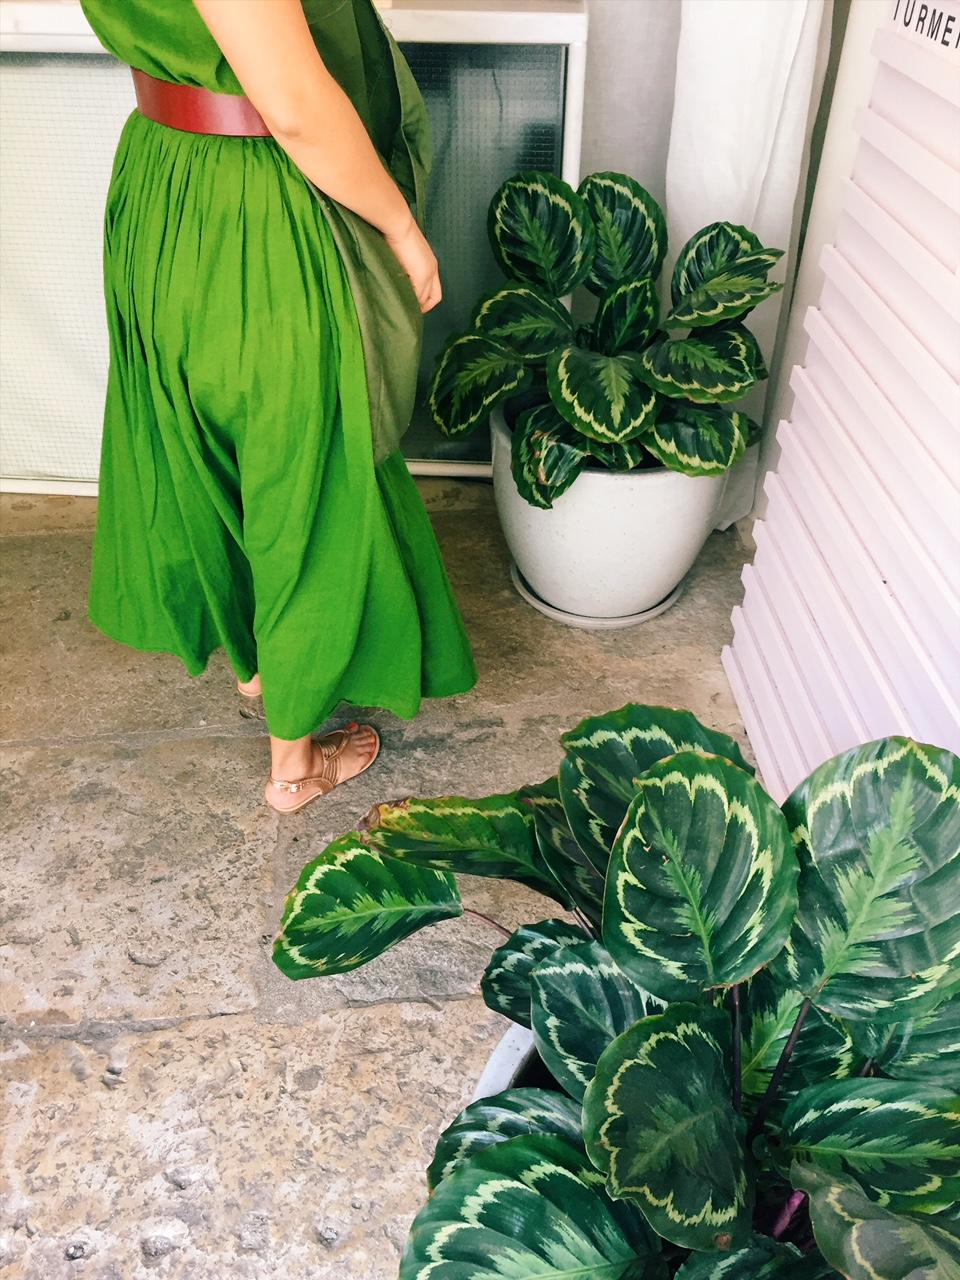 Viime aikojen vihreitä